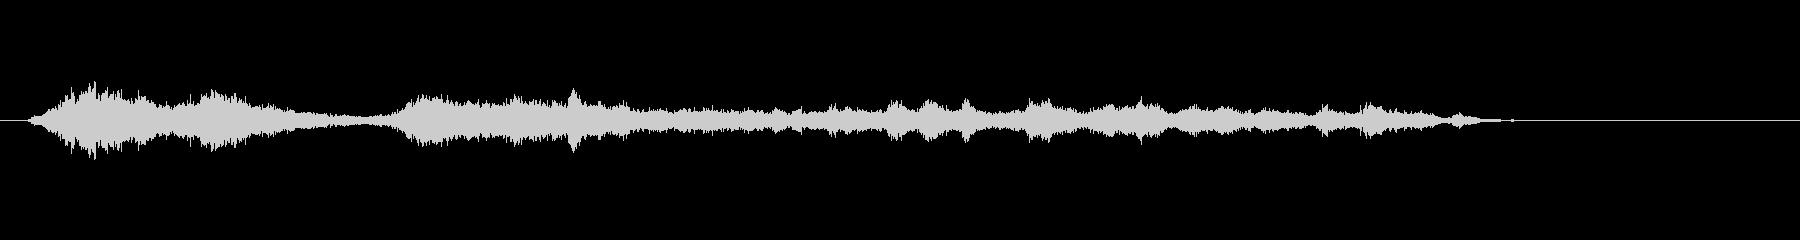 群集(50):ホイッスル/フープ、...の未再生の波形